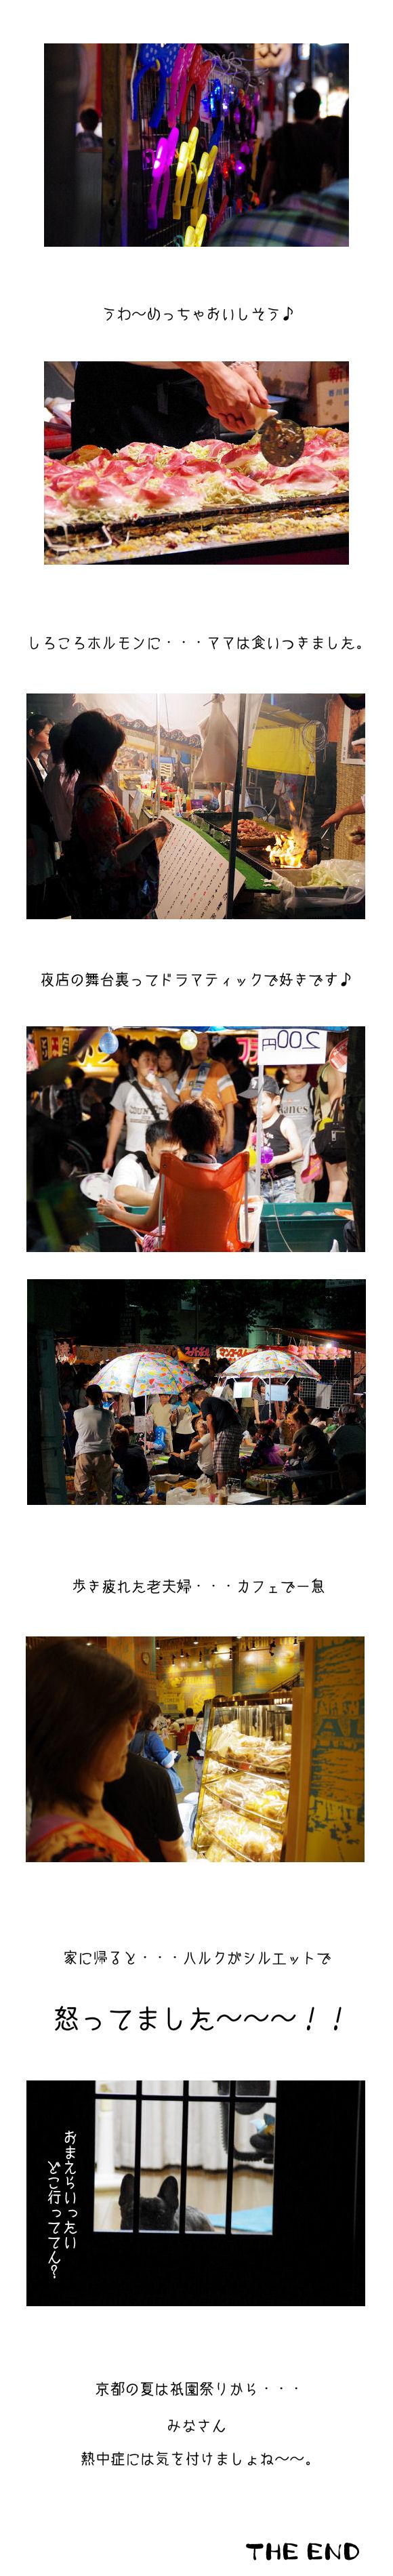 祇園の夏♪♪♪